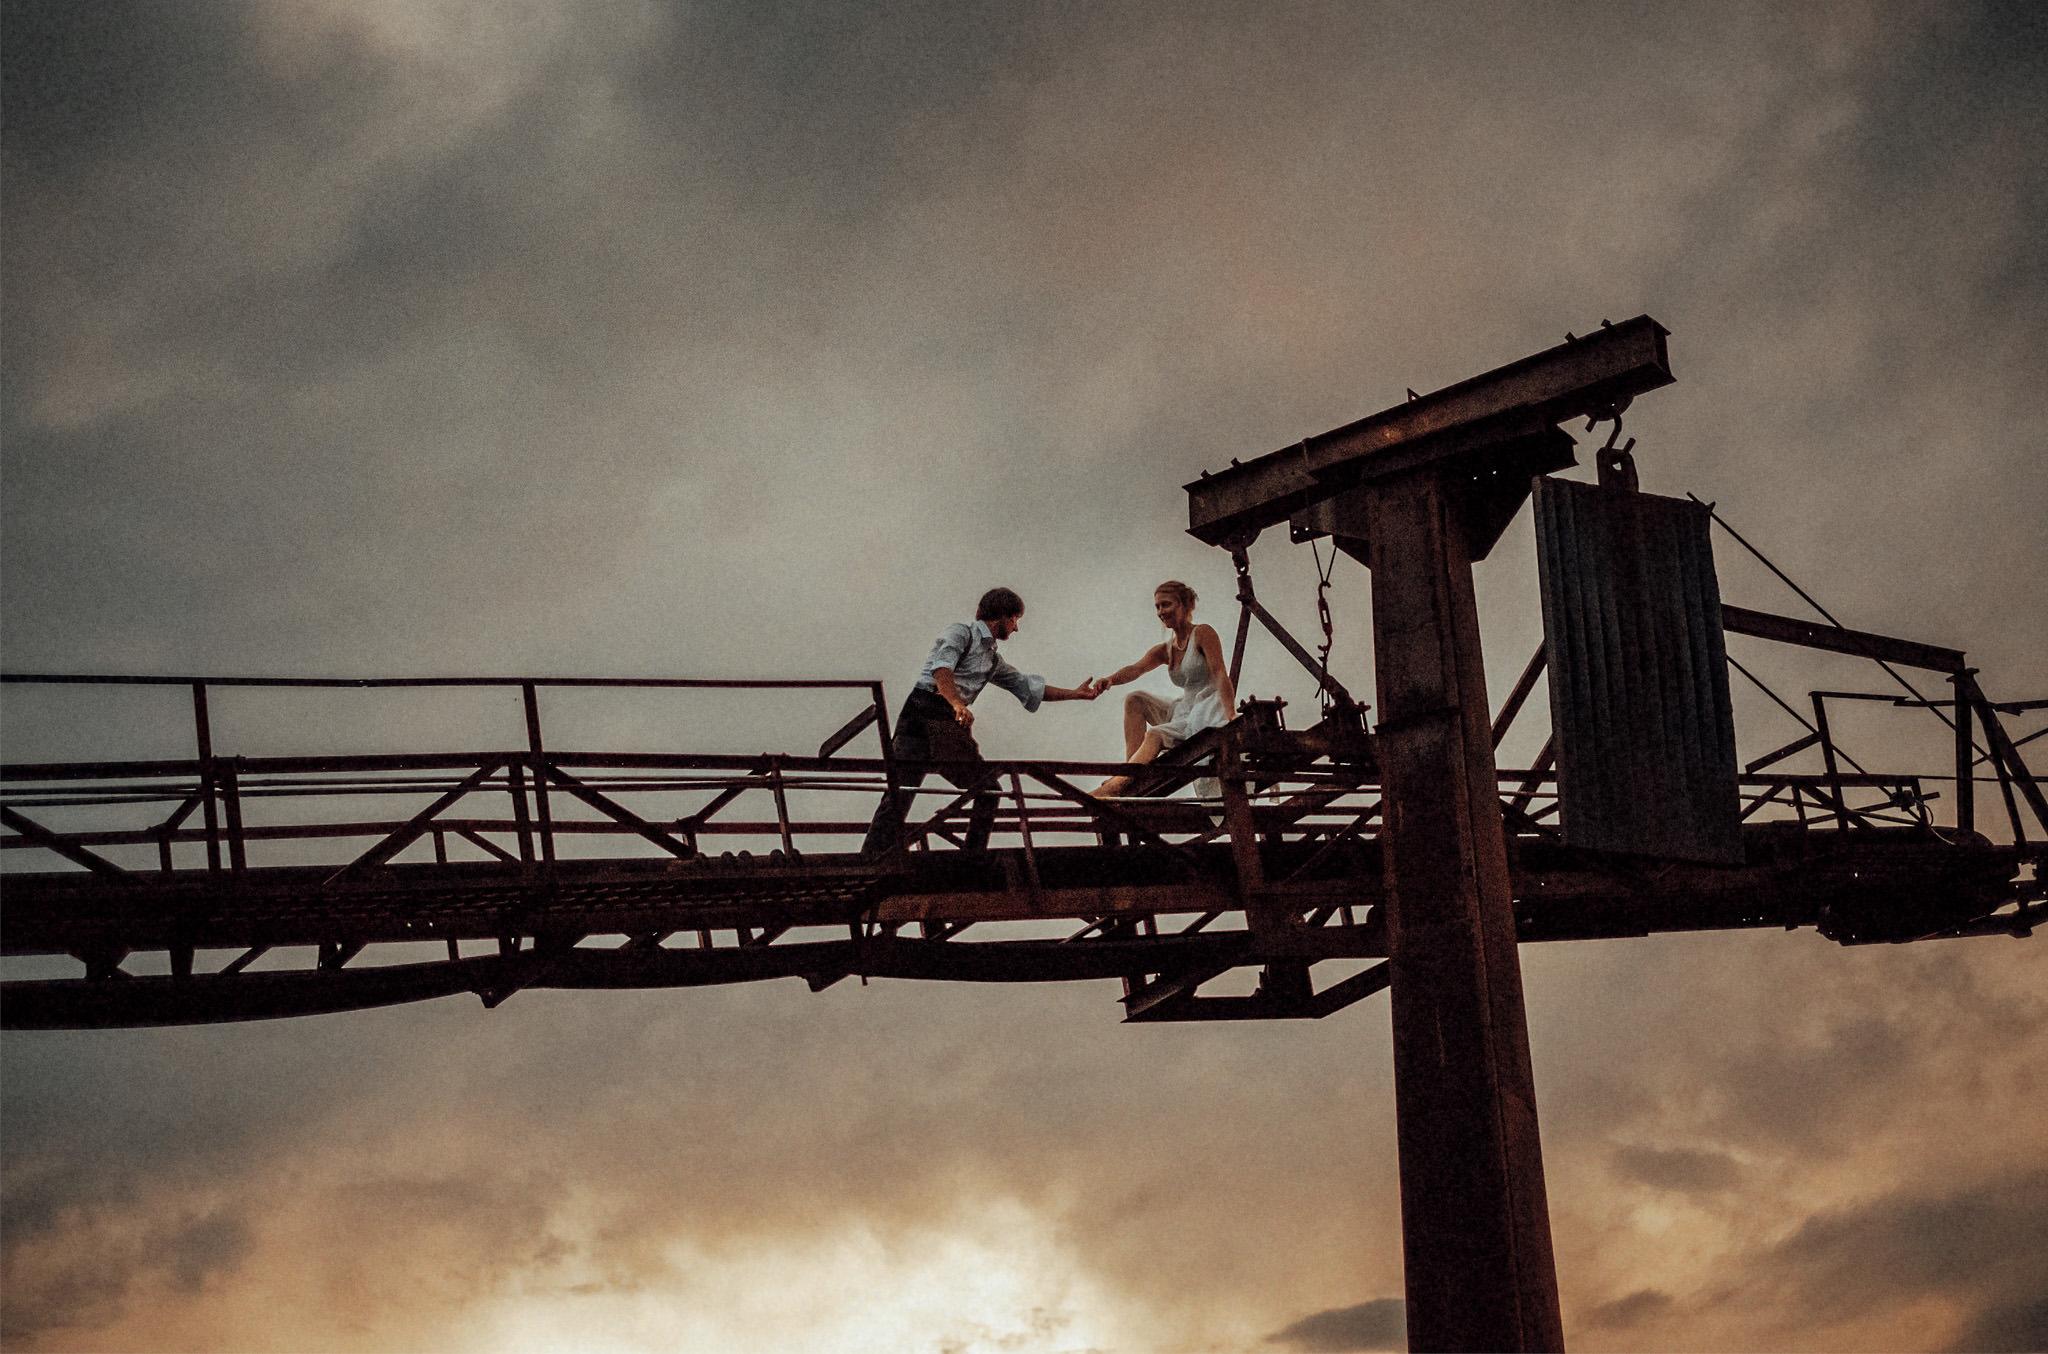 Hochzeit-Stöffelpark-Enspel-Industriepark-Aachen-Köln-NRW-besten Hochzeitsfotografen-Coburg-Hochzeitsfoto-Paarshooting-Alternativ-Intim-authentisch-Hochzeitsfotografie-Hochzeitslocation-Masters of German Wedding Photography.jpg